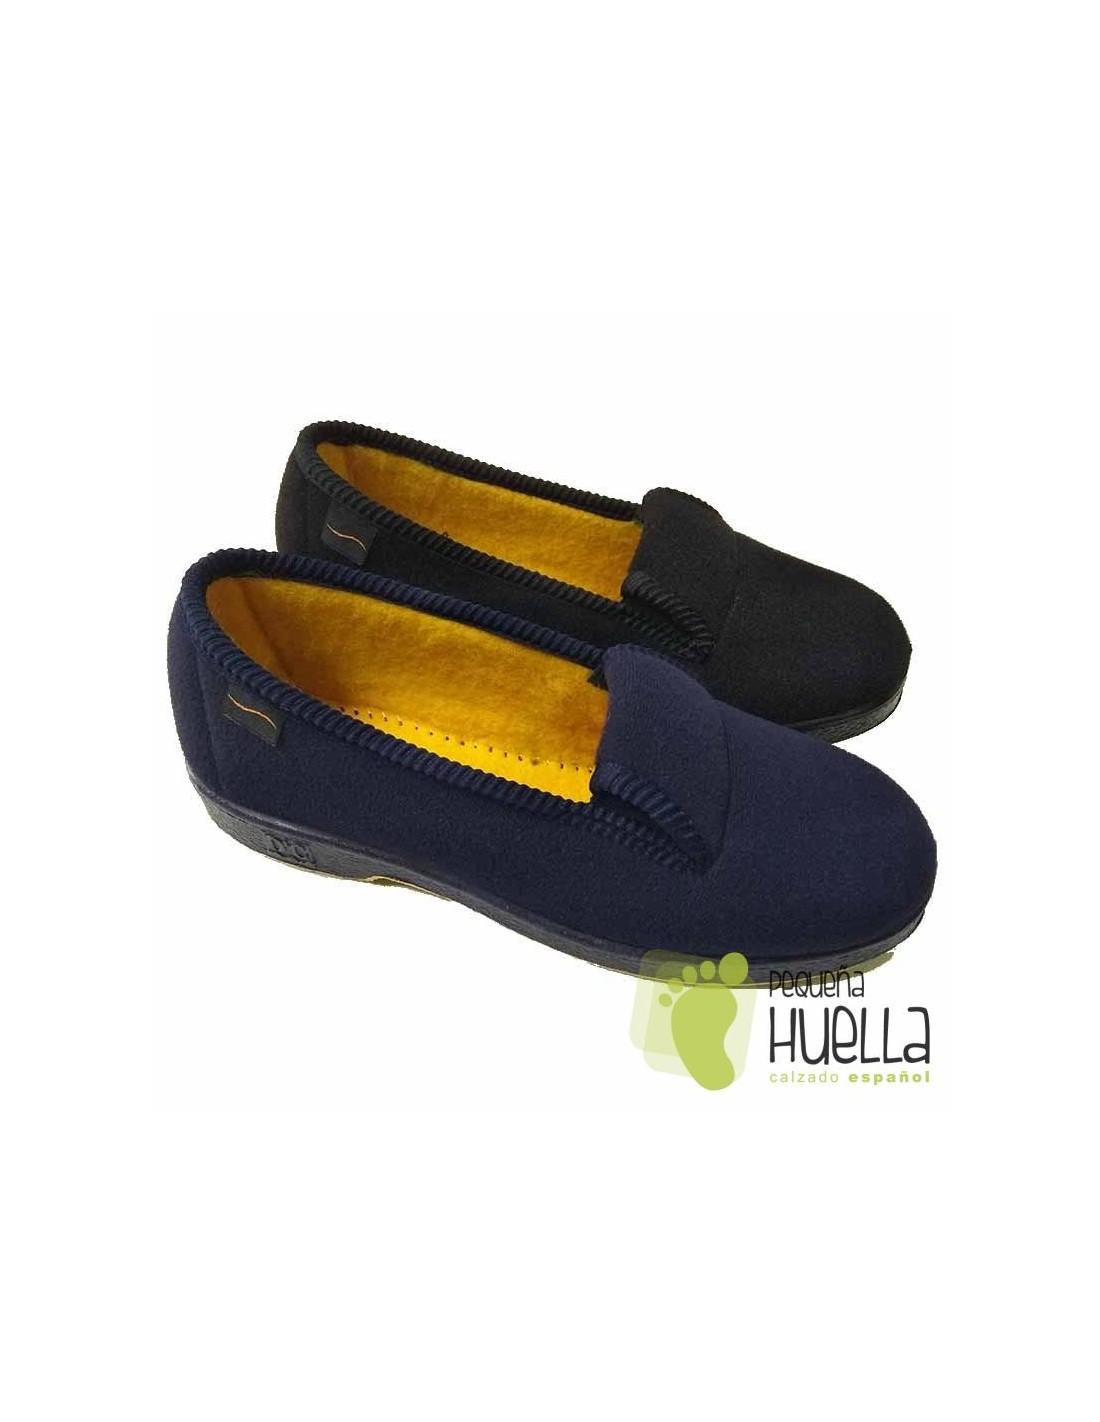 Comprar Zapatillas De Invierno Doctor Cutillas Planas Señora 472 u3KFJT1lc5